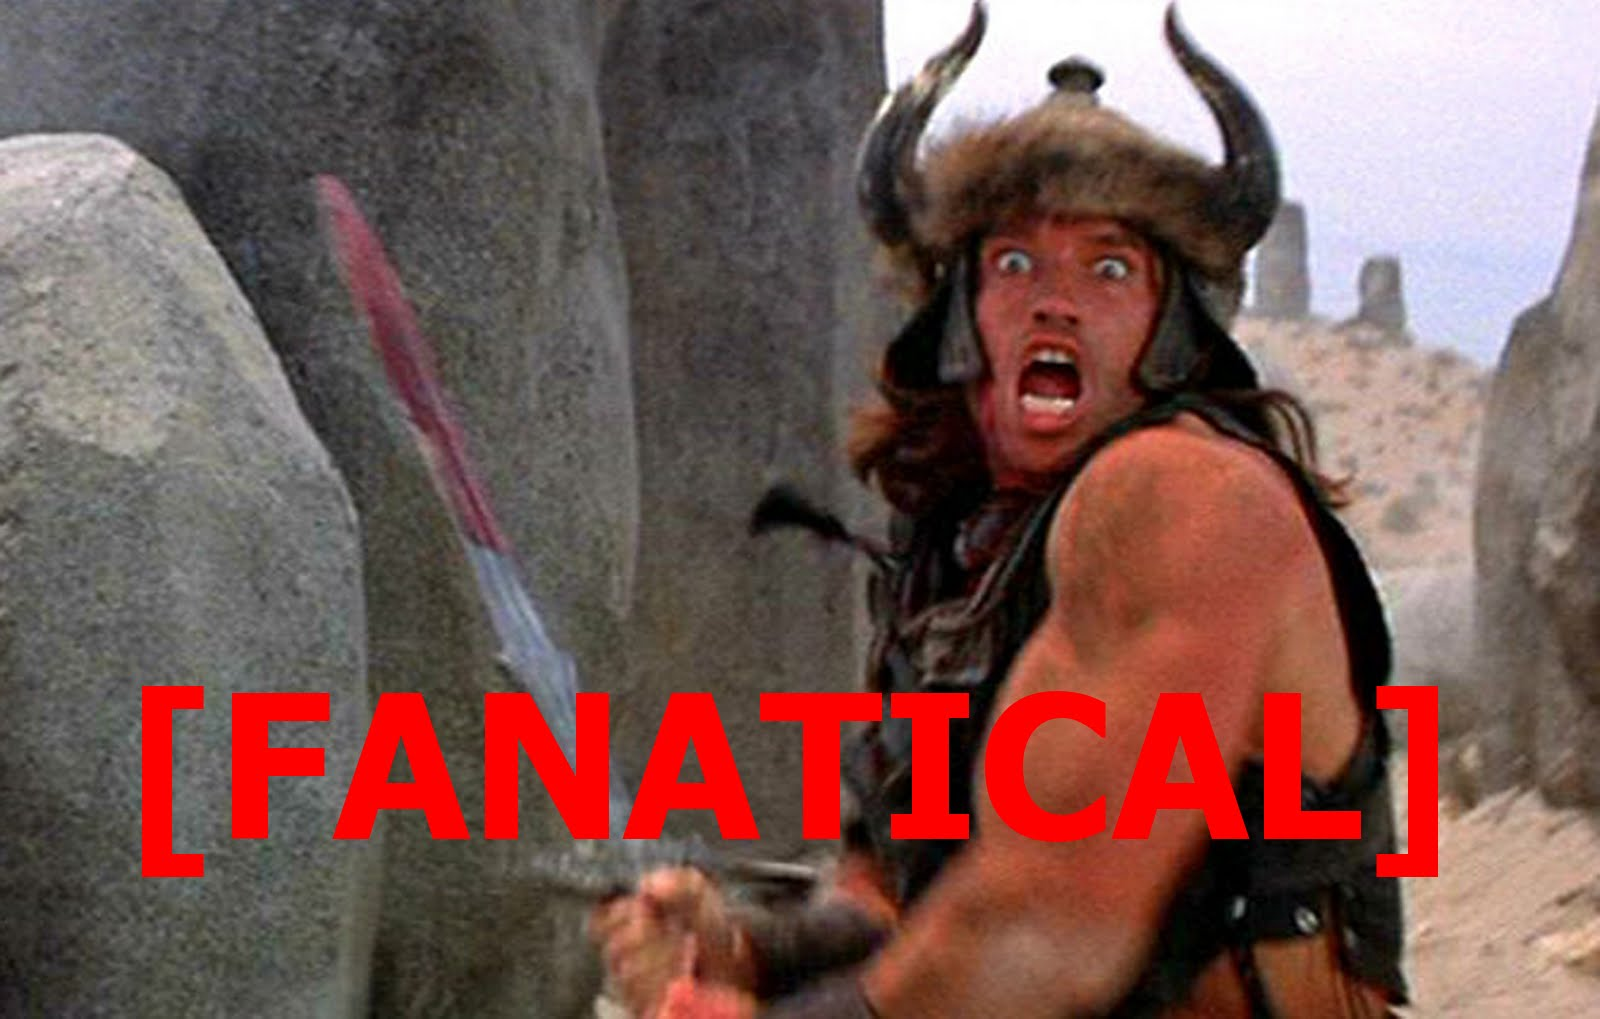 Conan the barbarian gif sex nude videos